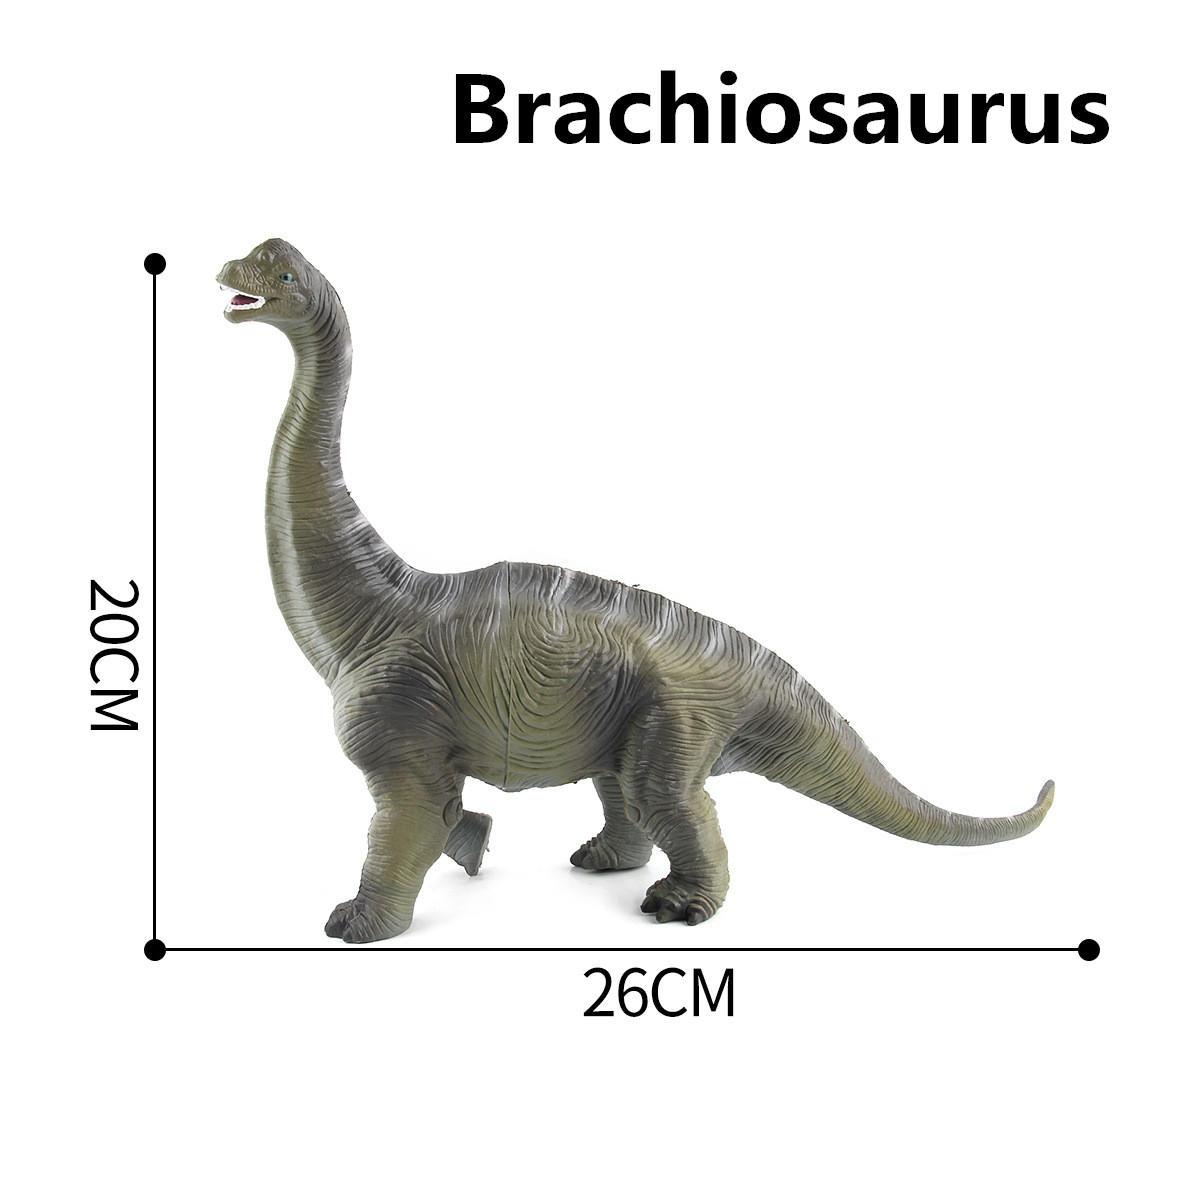 Большая игрушка динозавров Brachiosaurus Реалистичная твердая пластиковая модель Diecast для детей - 10